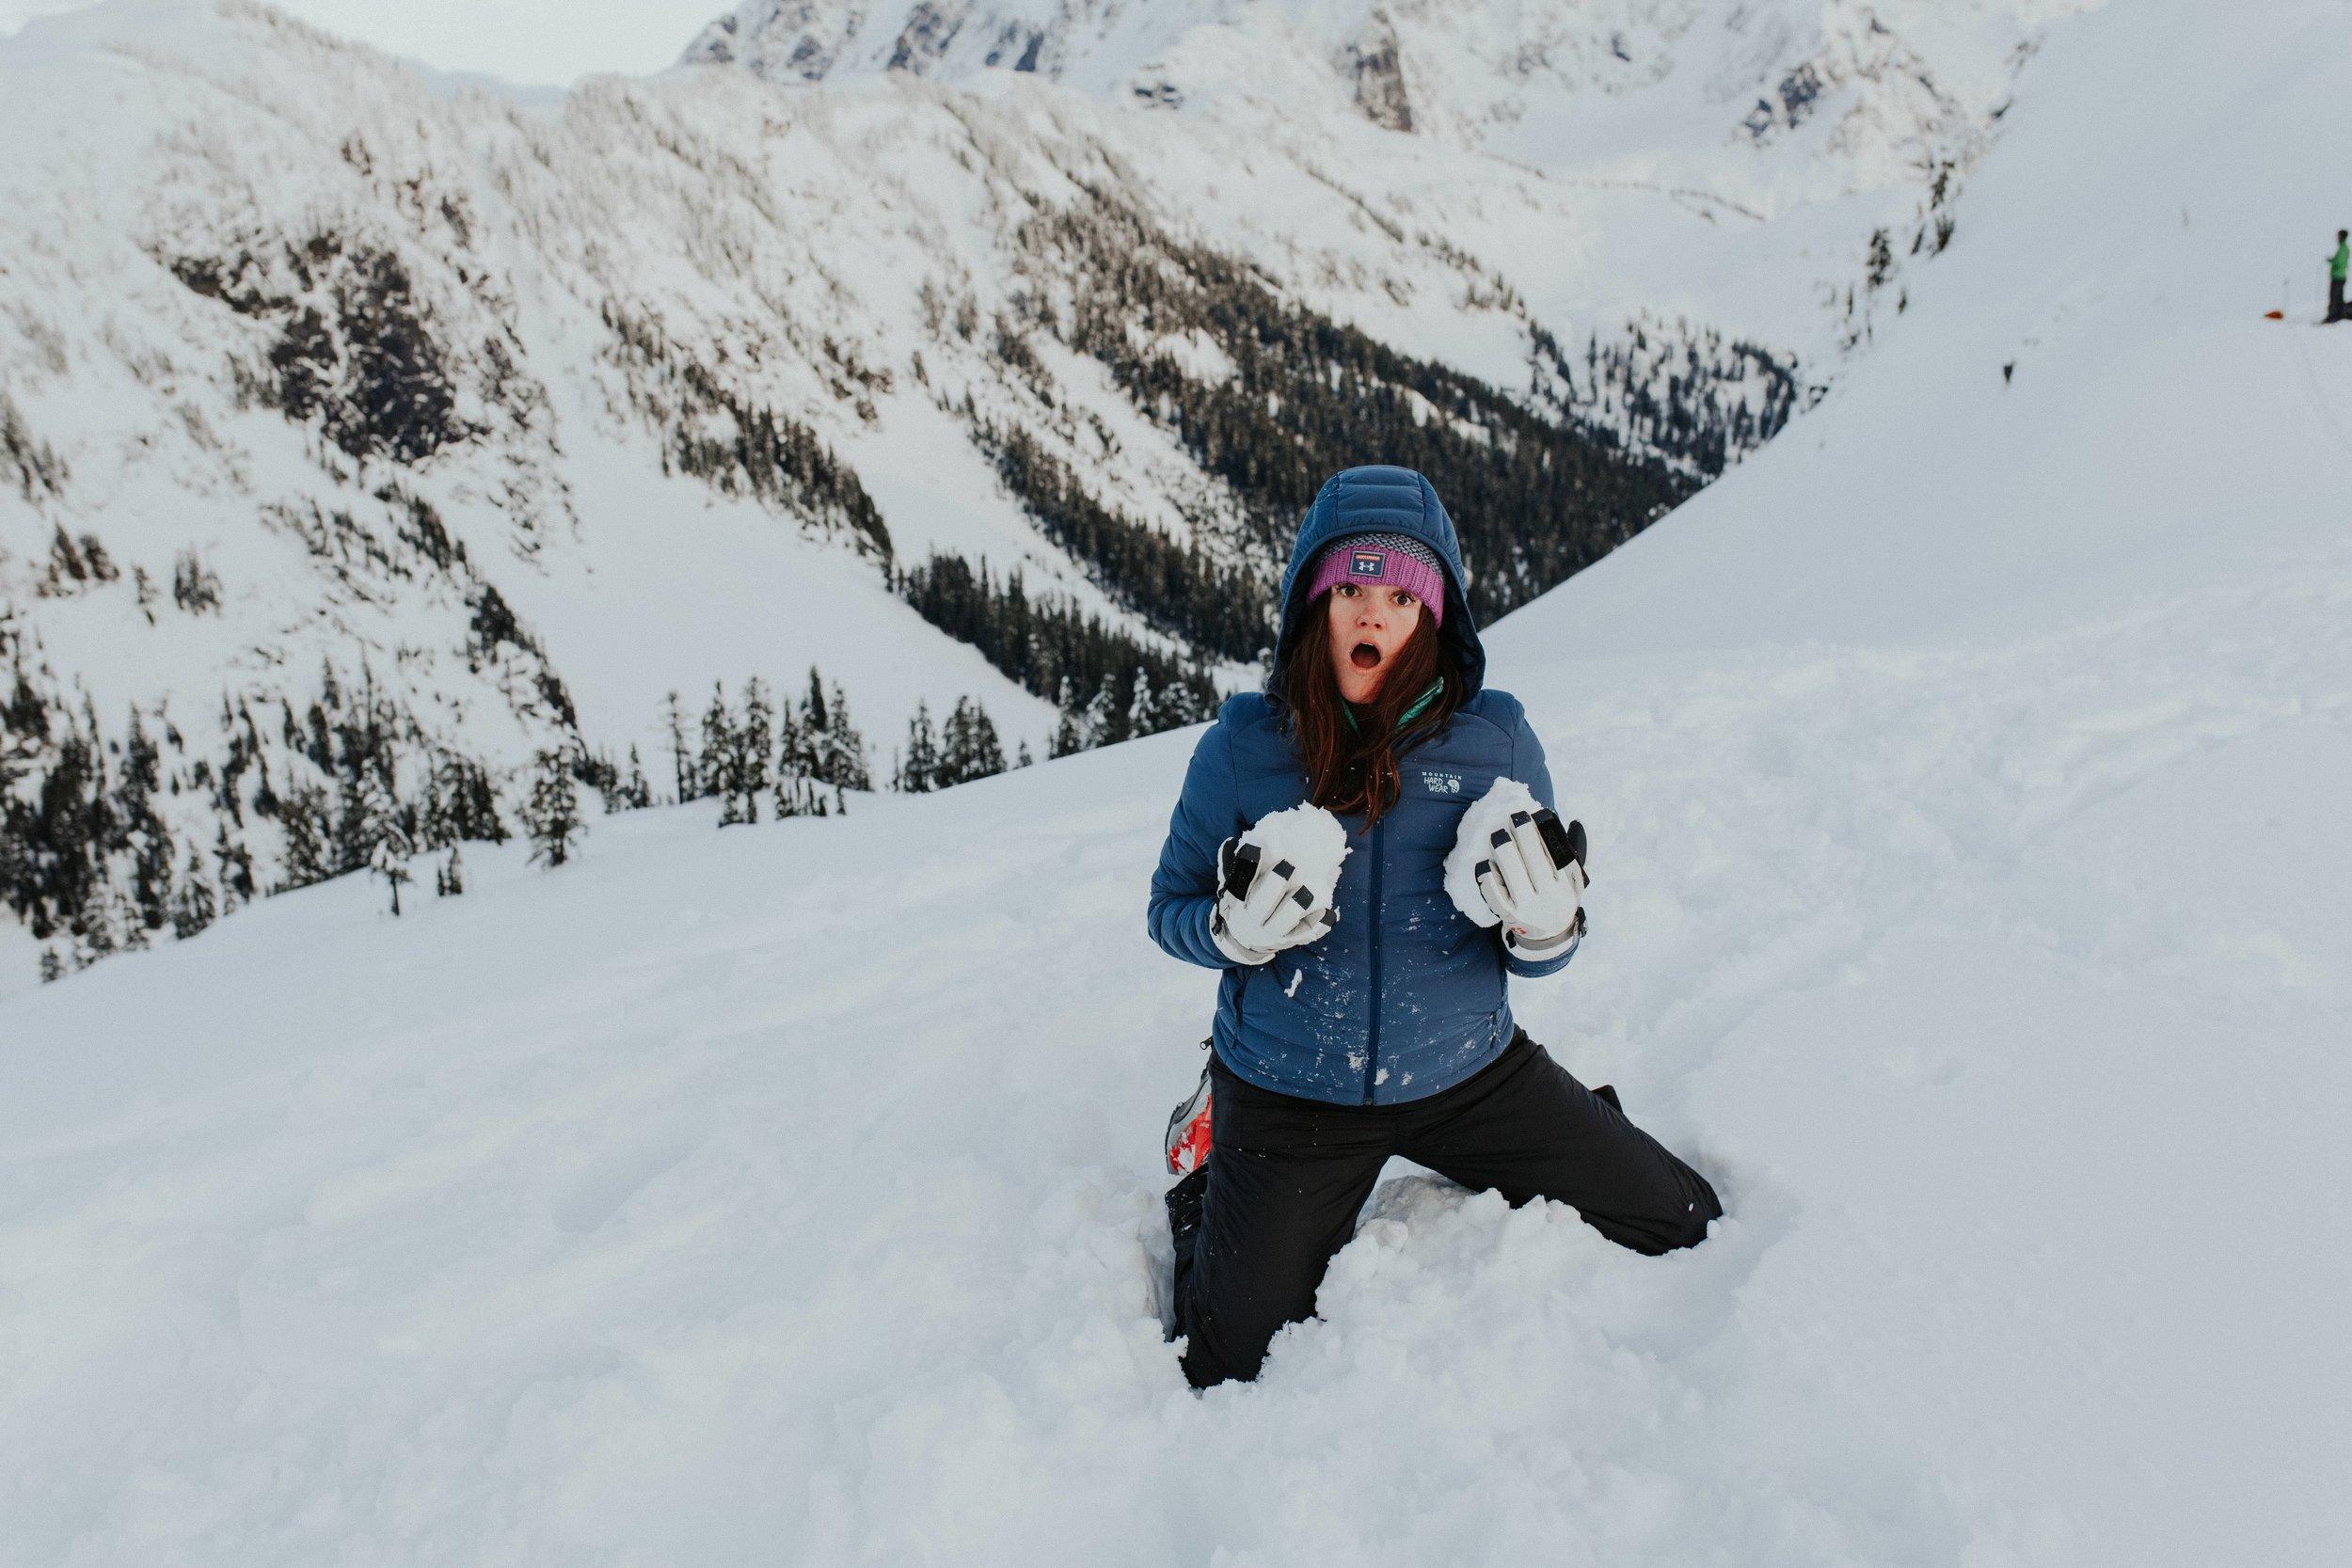 mount-baker-snow-camping-kim-kommer.jpg